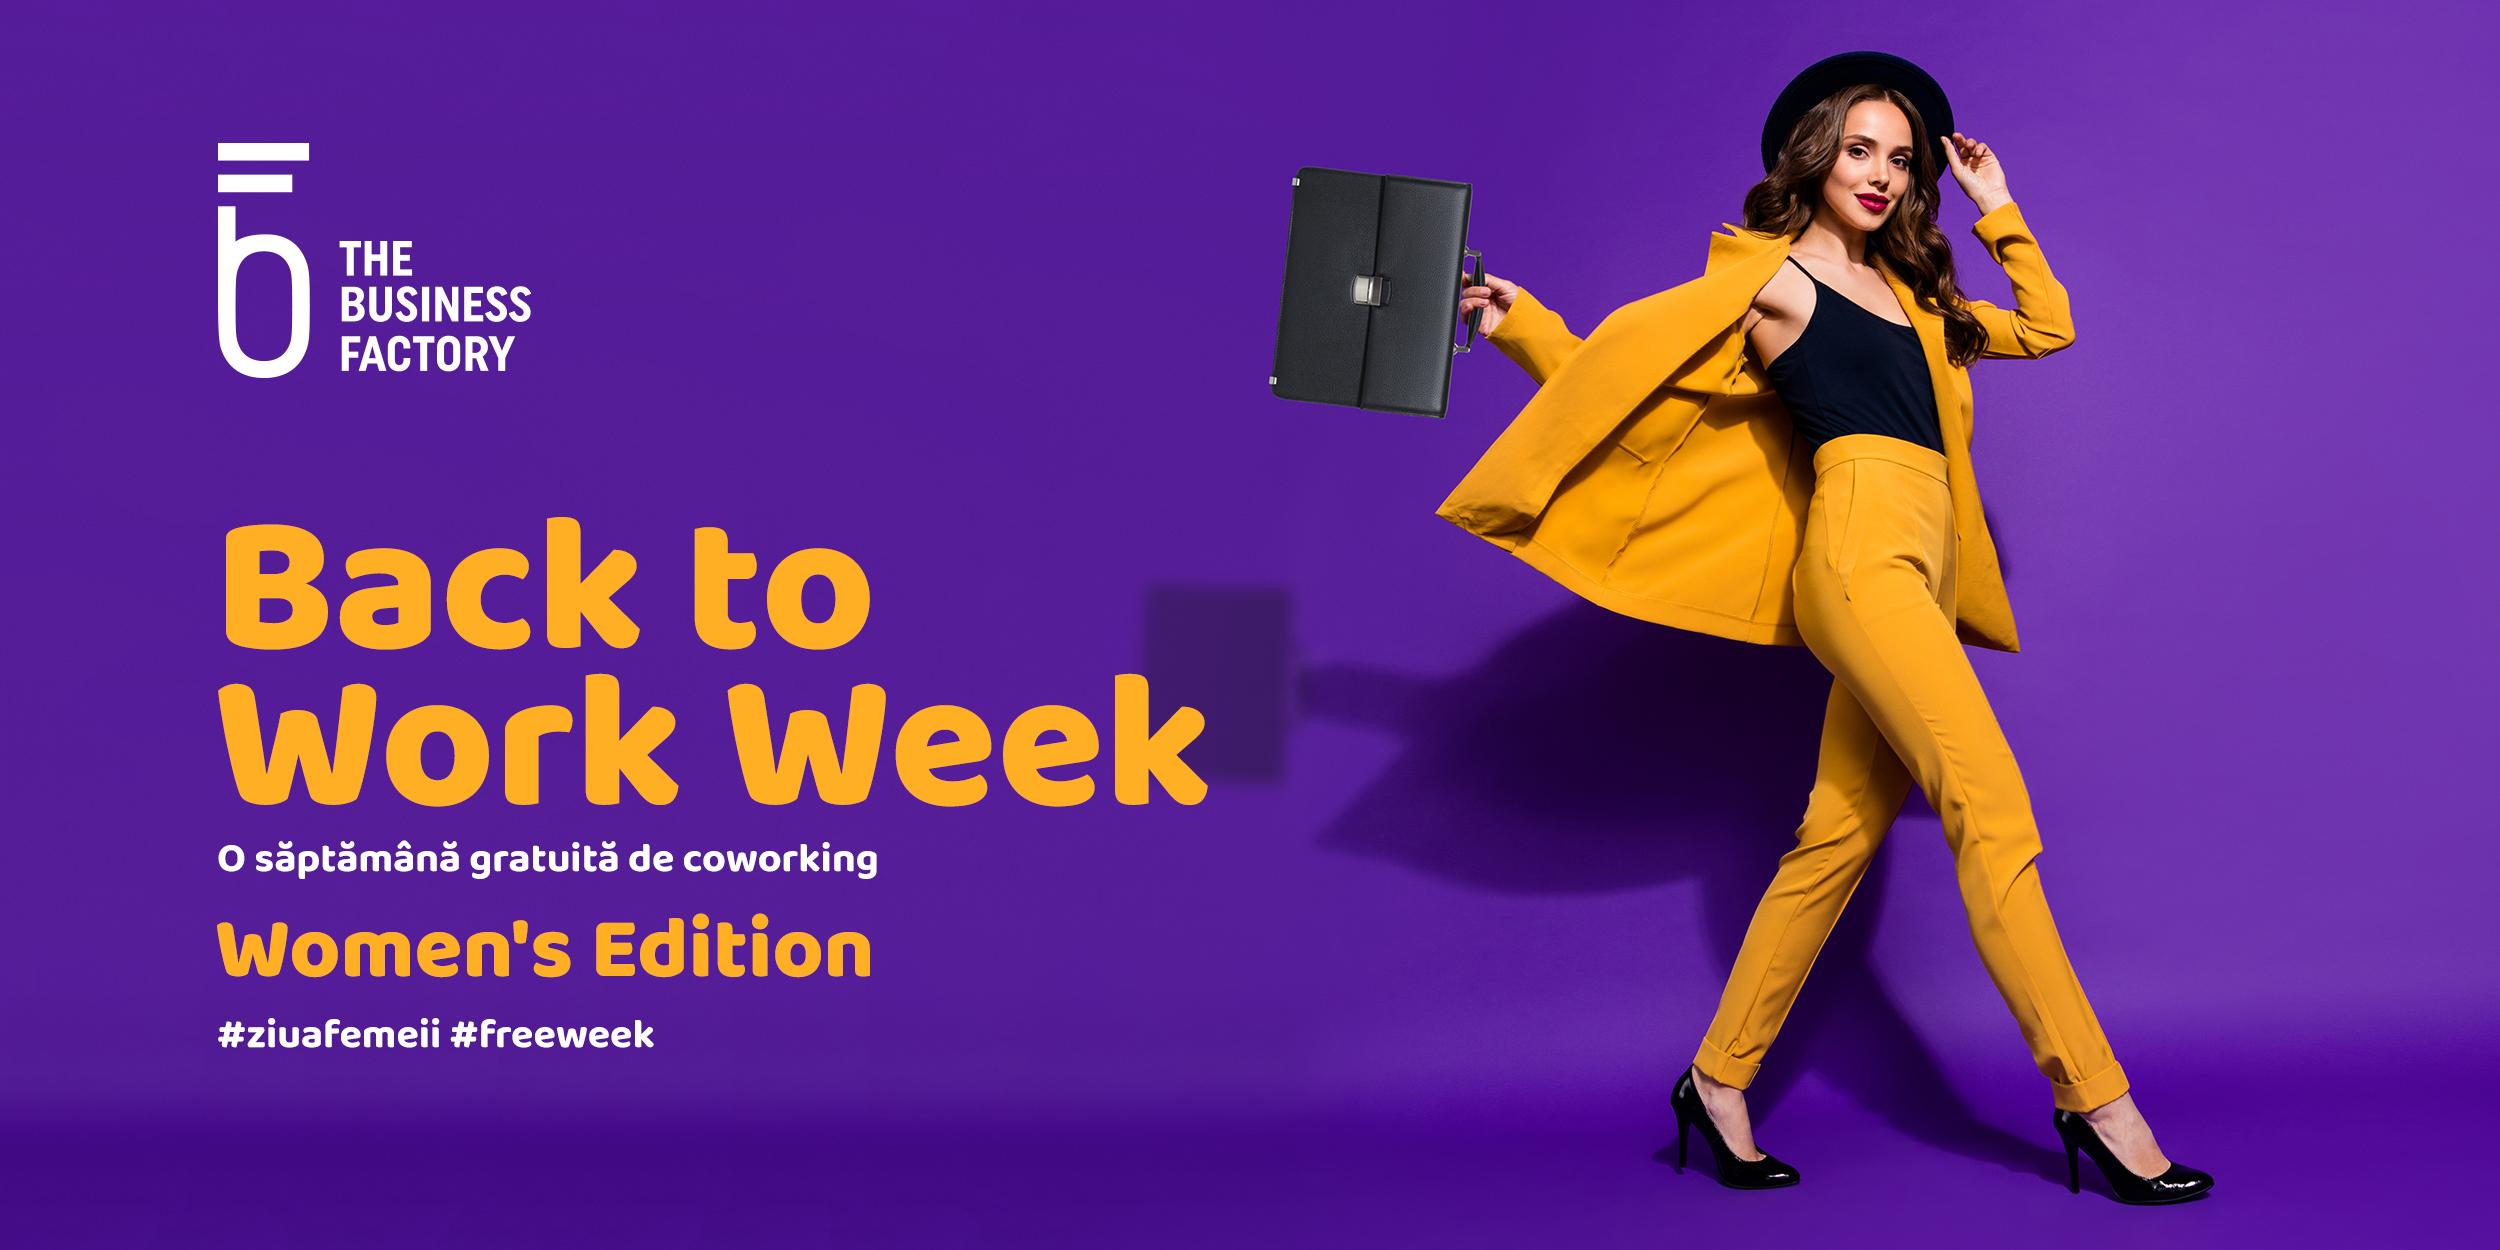 Câștigă o săptămână gratuită într-un birou de la The Business Factory!